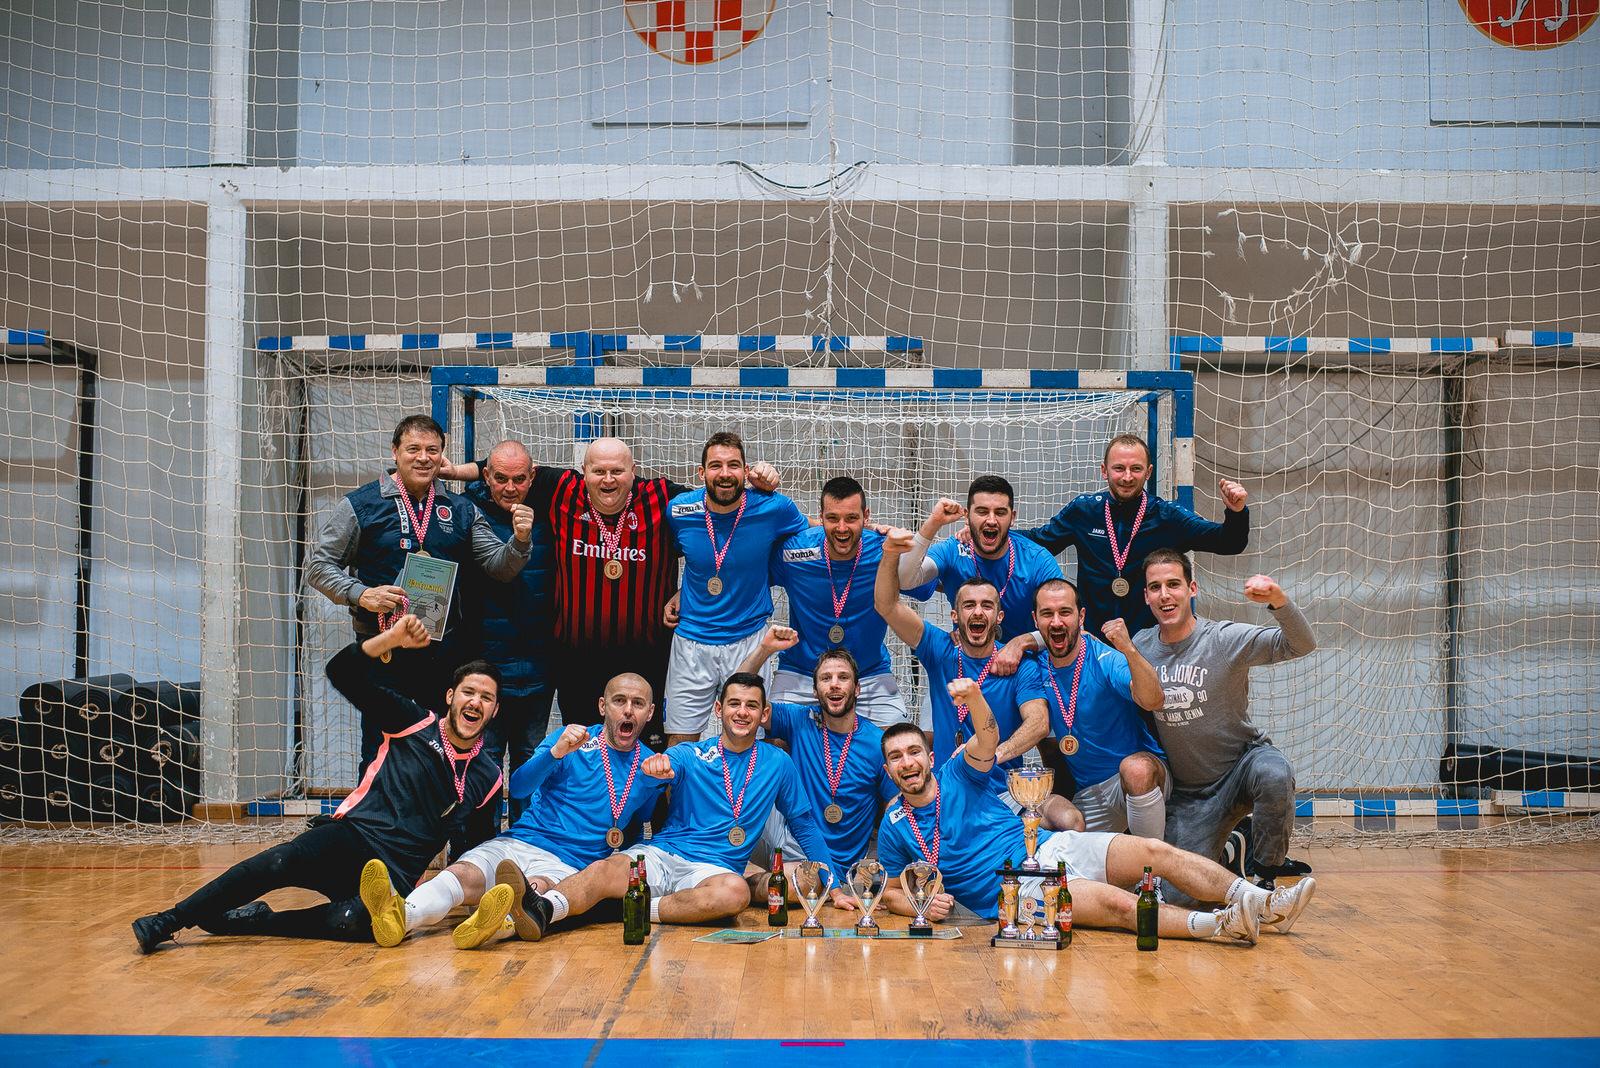 likaclub_gospić_zimski-malonogometni-turnir-2018-19-115